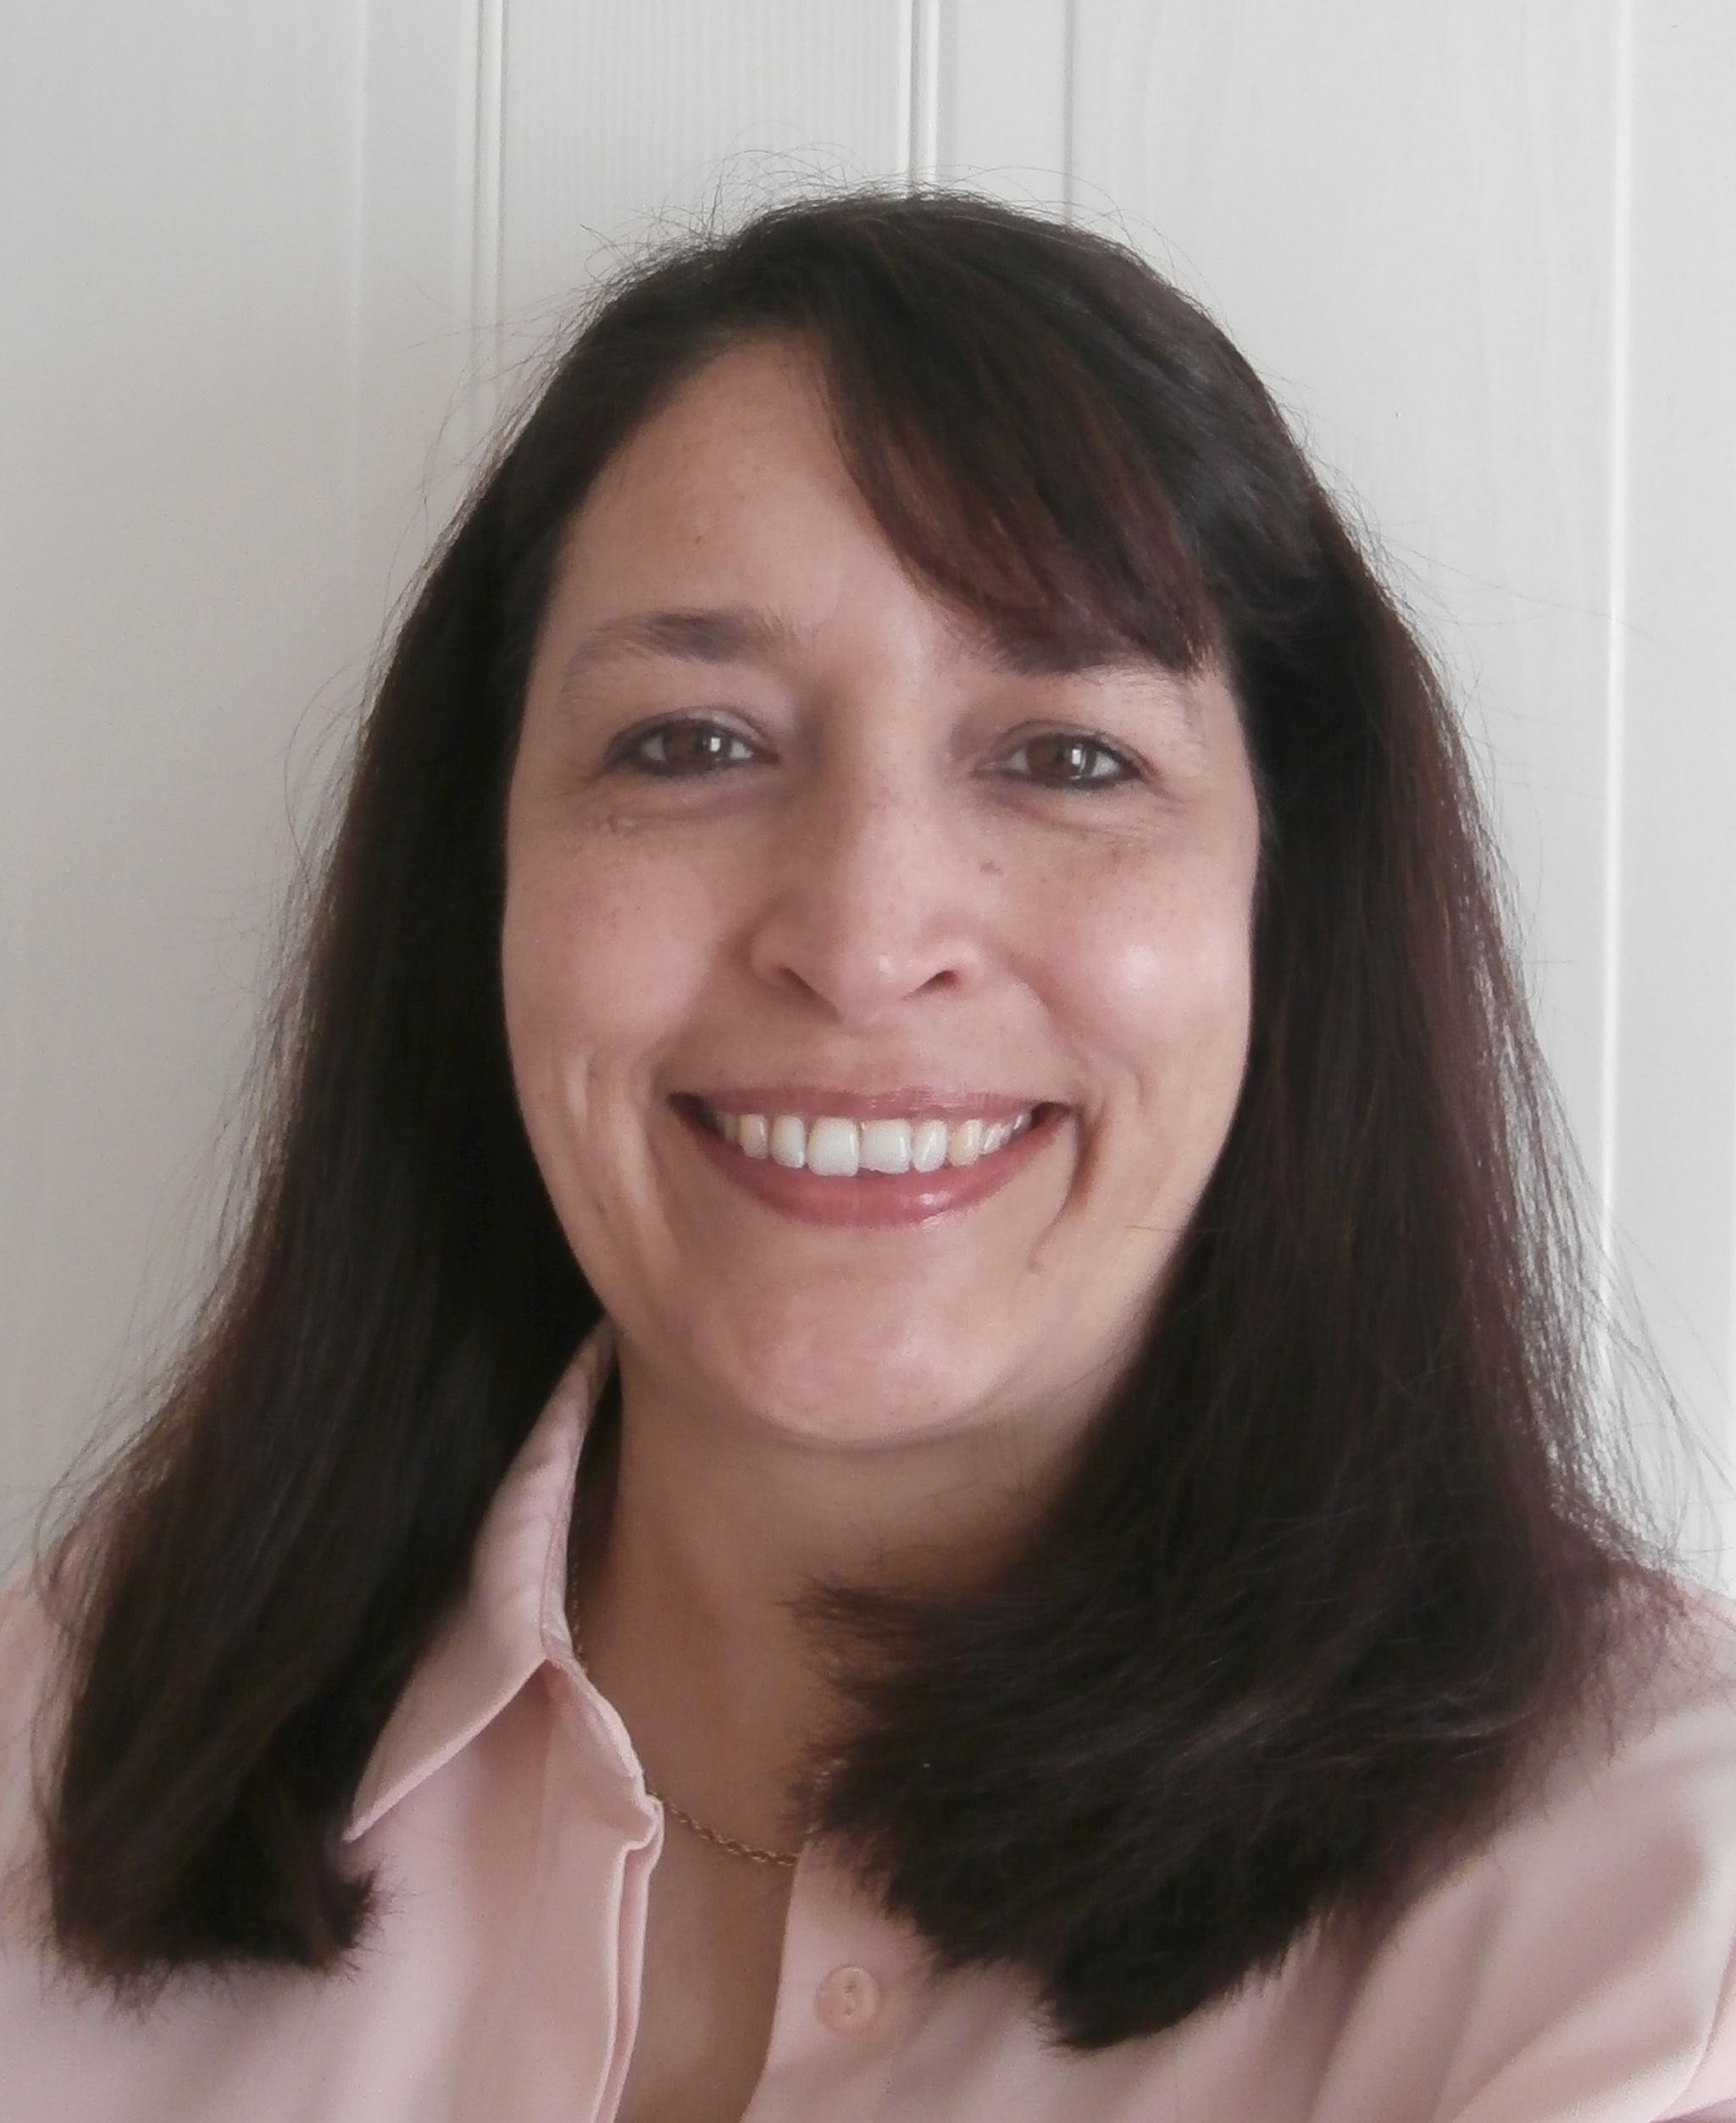 Christine O'Sullivan